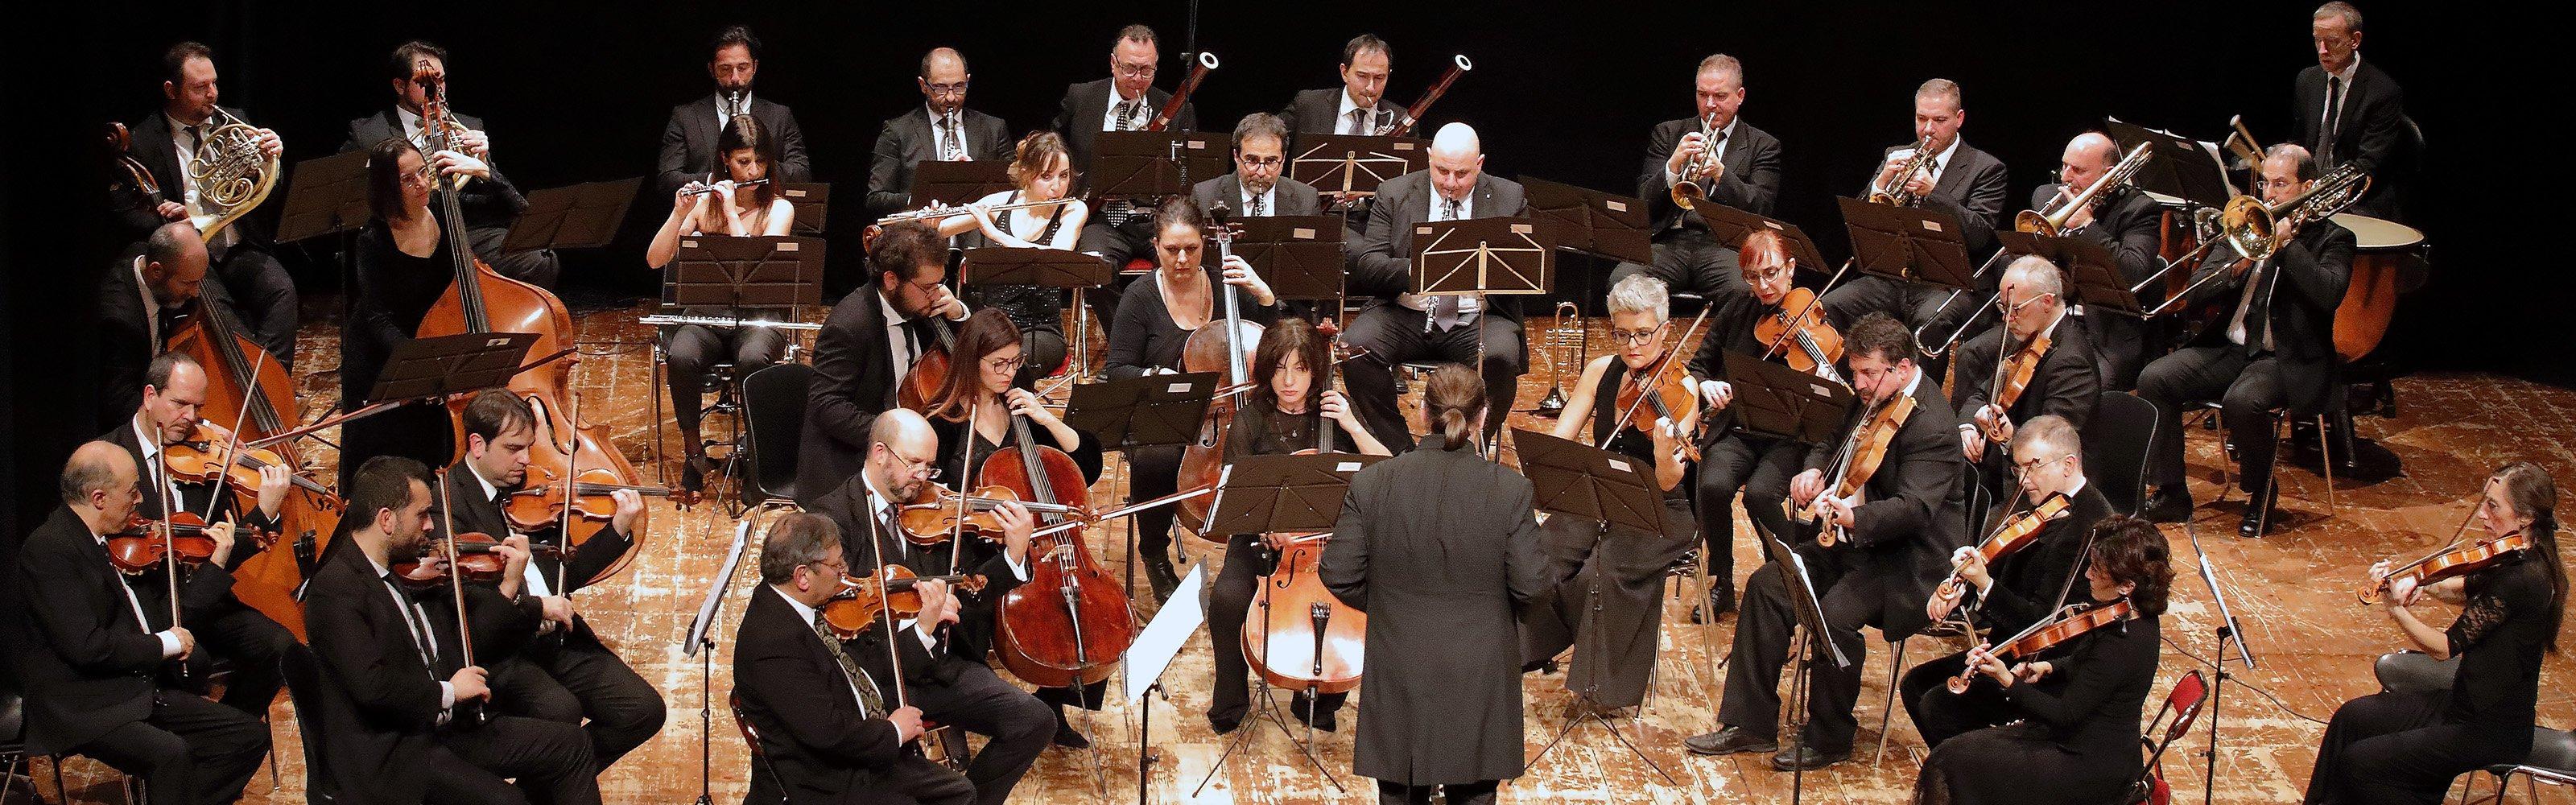 Orchestra Sinfonica Città di Roma Teatro Vittoria